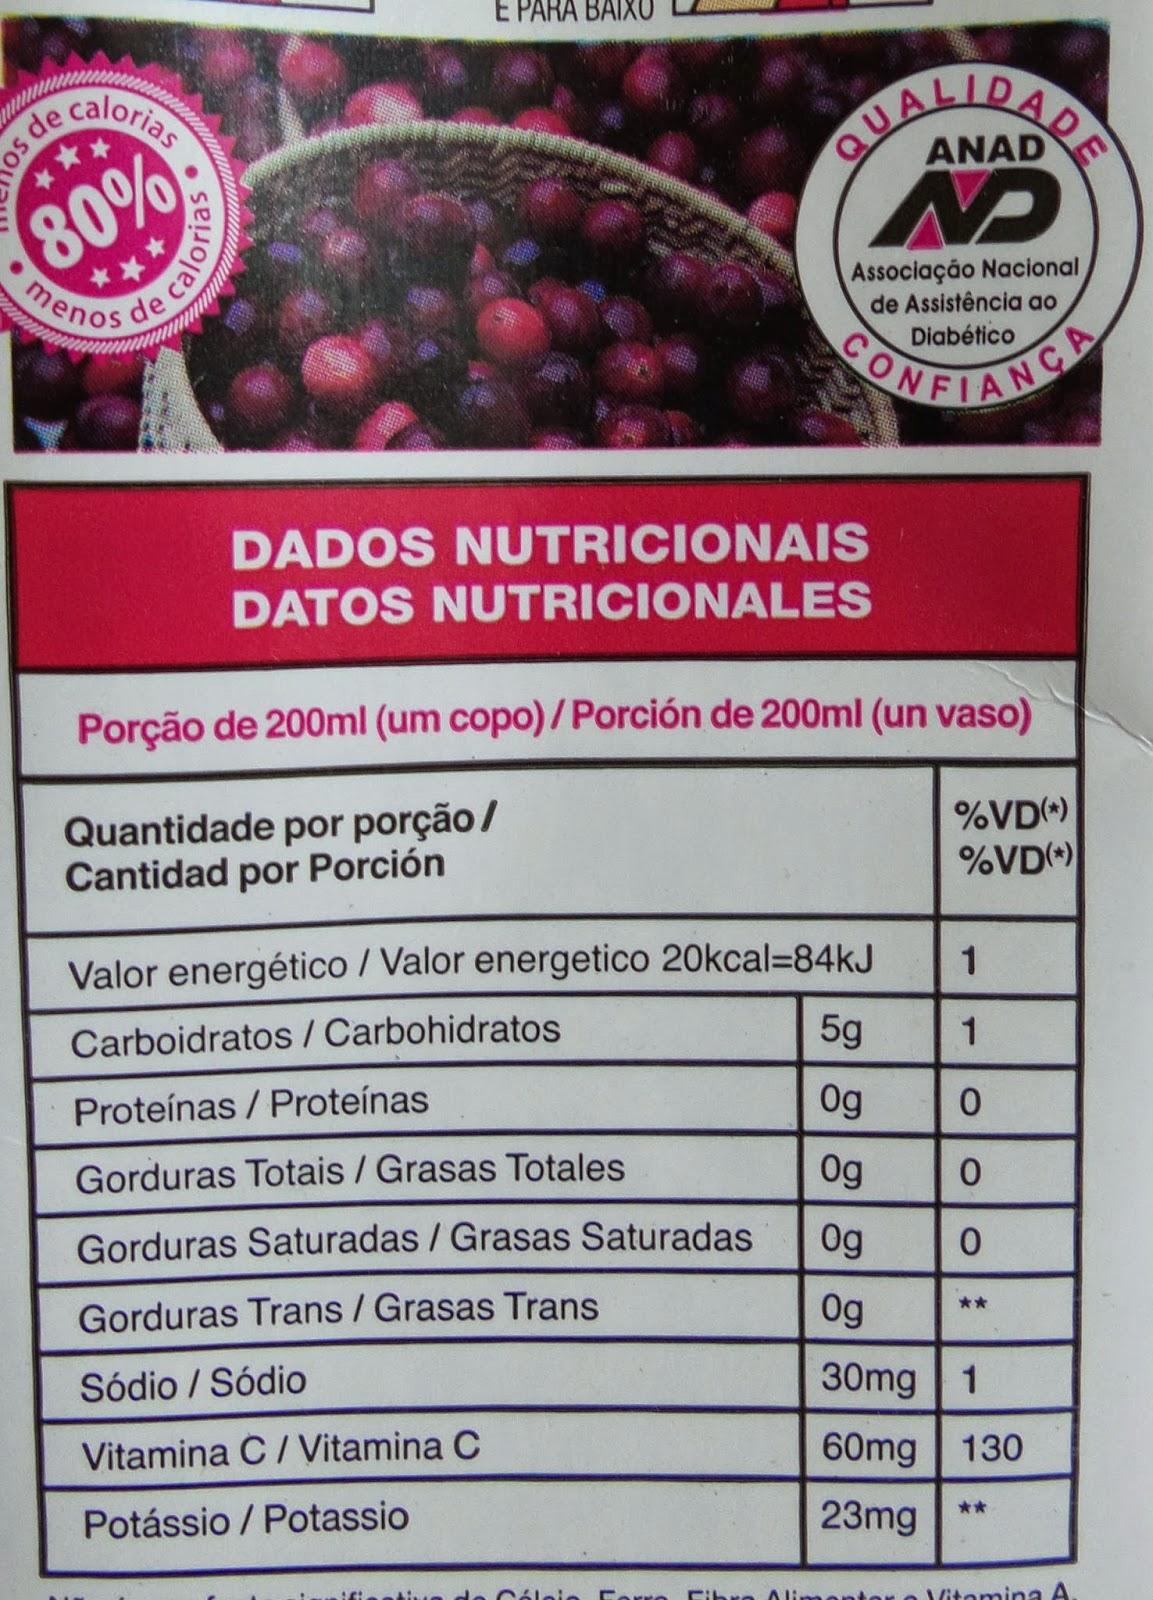 Cranberry: Antioxidante, combate os radicais livres, anti-inflamatórios e anti-virais.